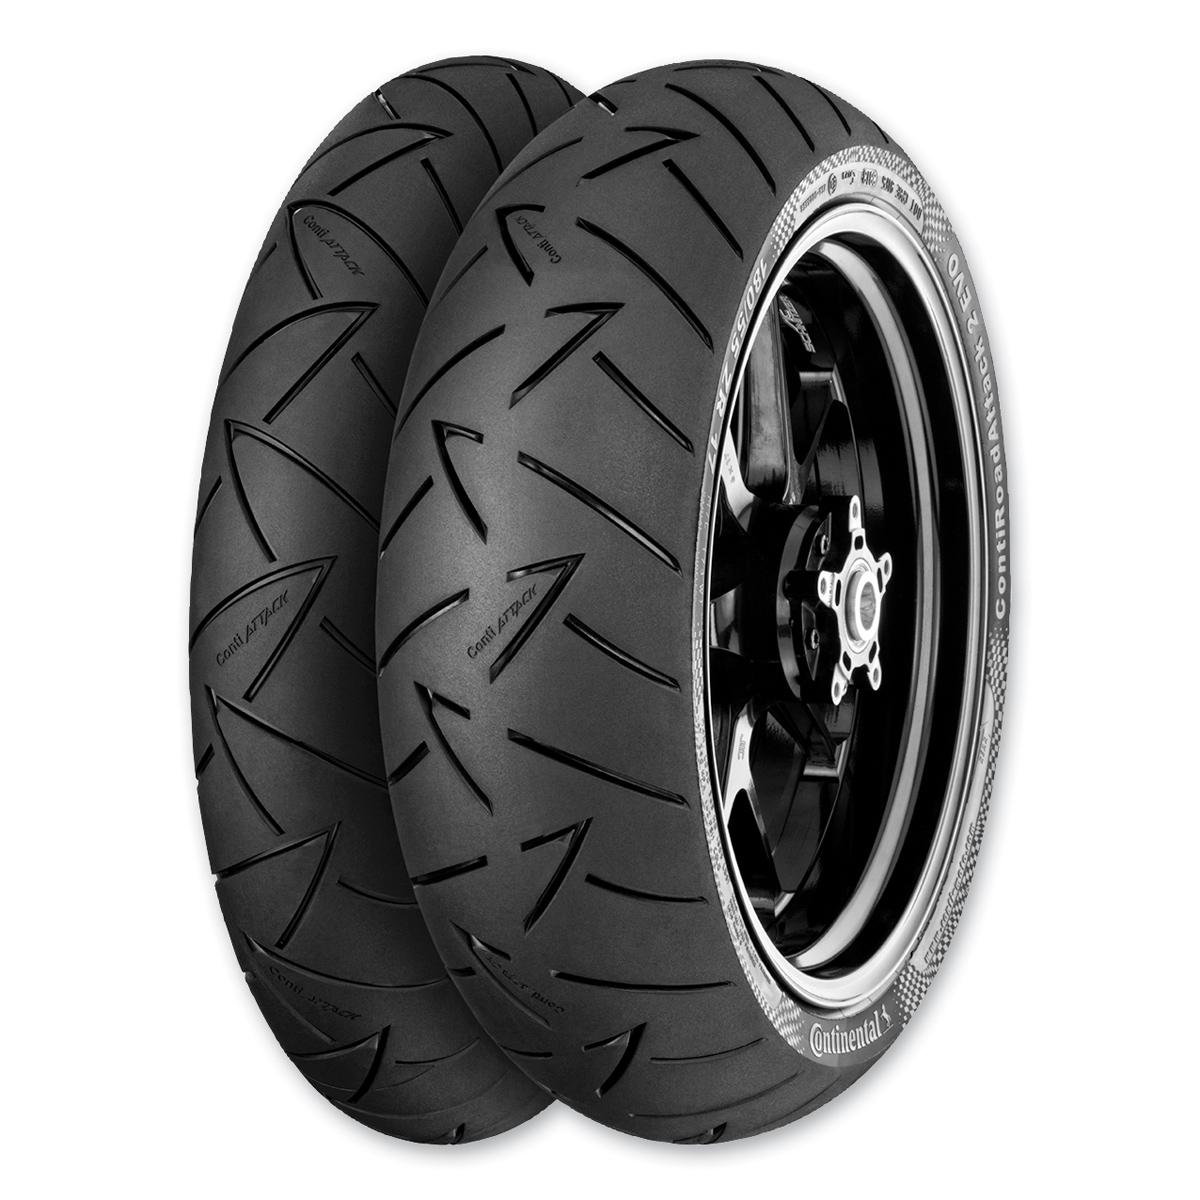 Continental Road Attack EVO 190/50ZR17 Rear Tire